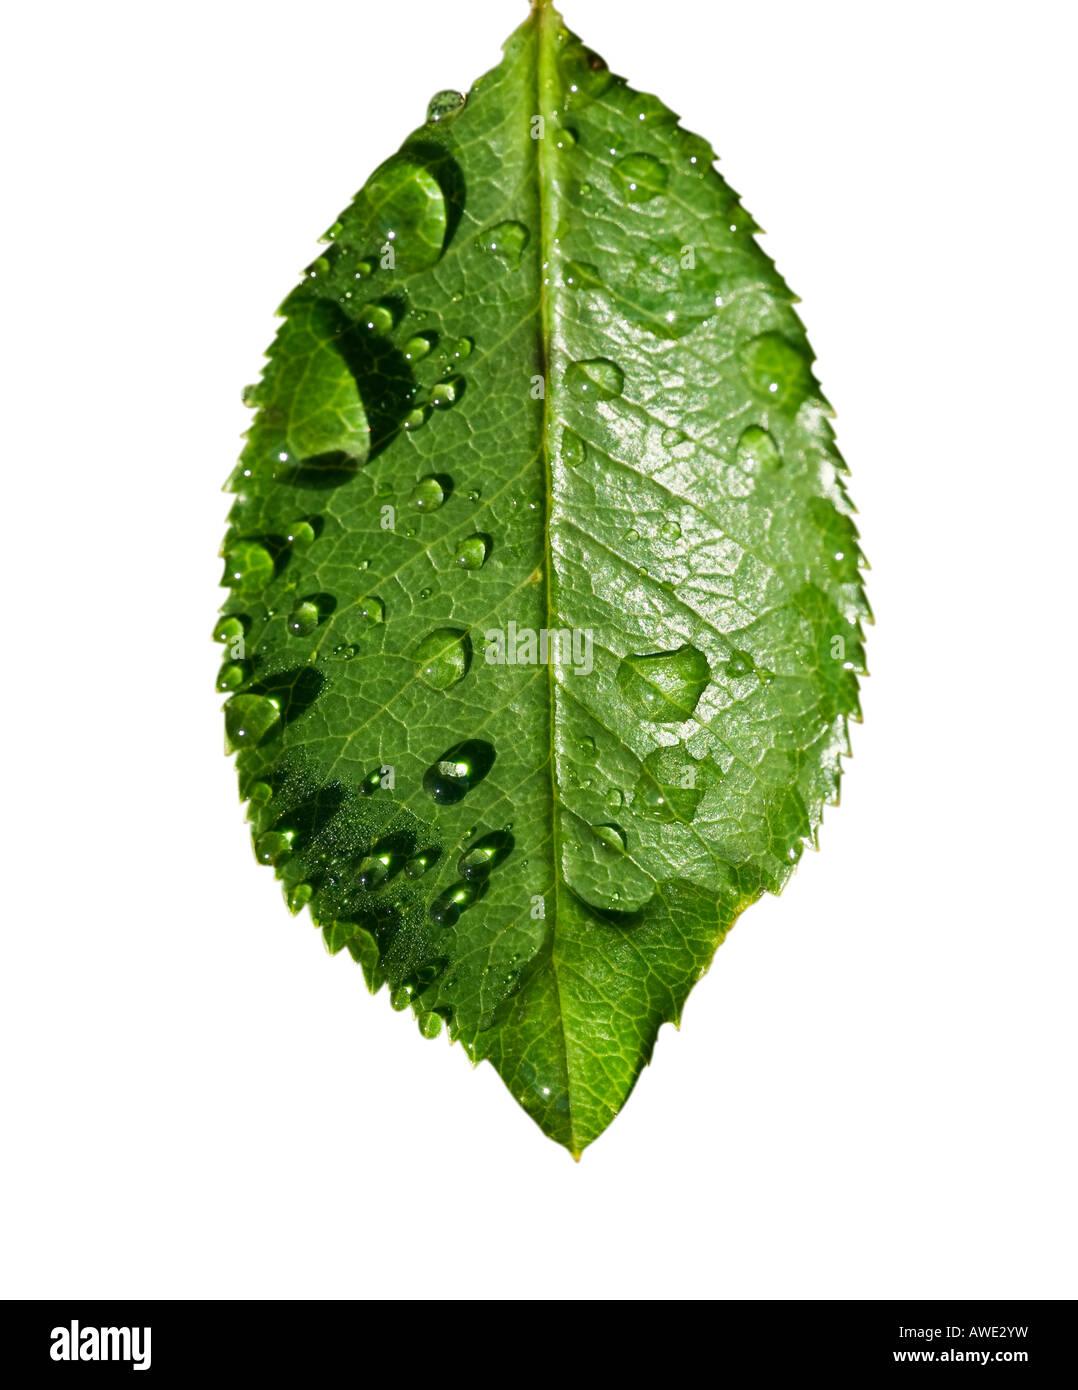 klarem Wassertropfen auf einem zarten grünen Blatt Stockbild